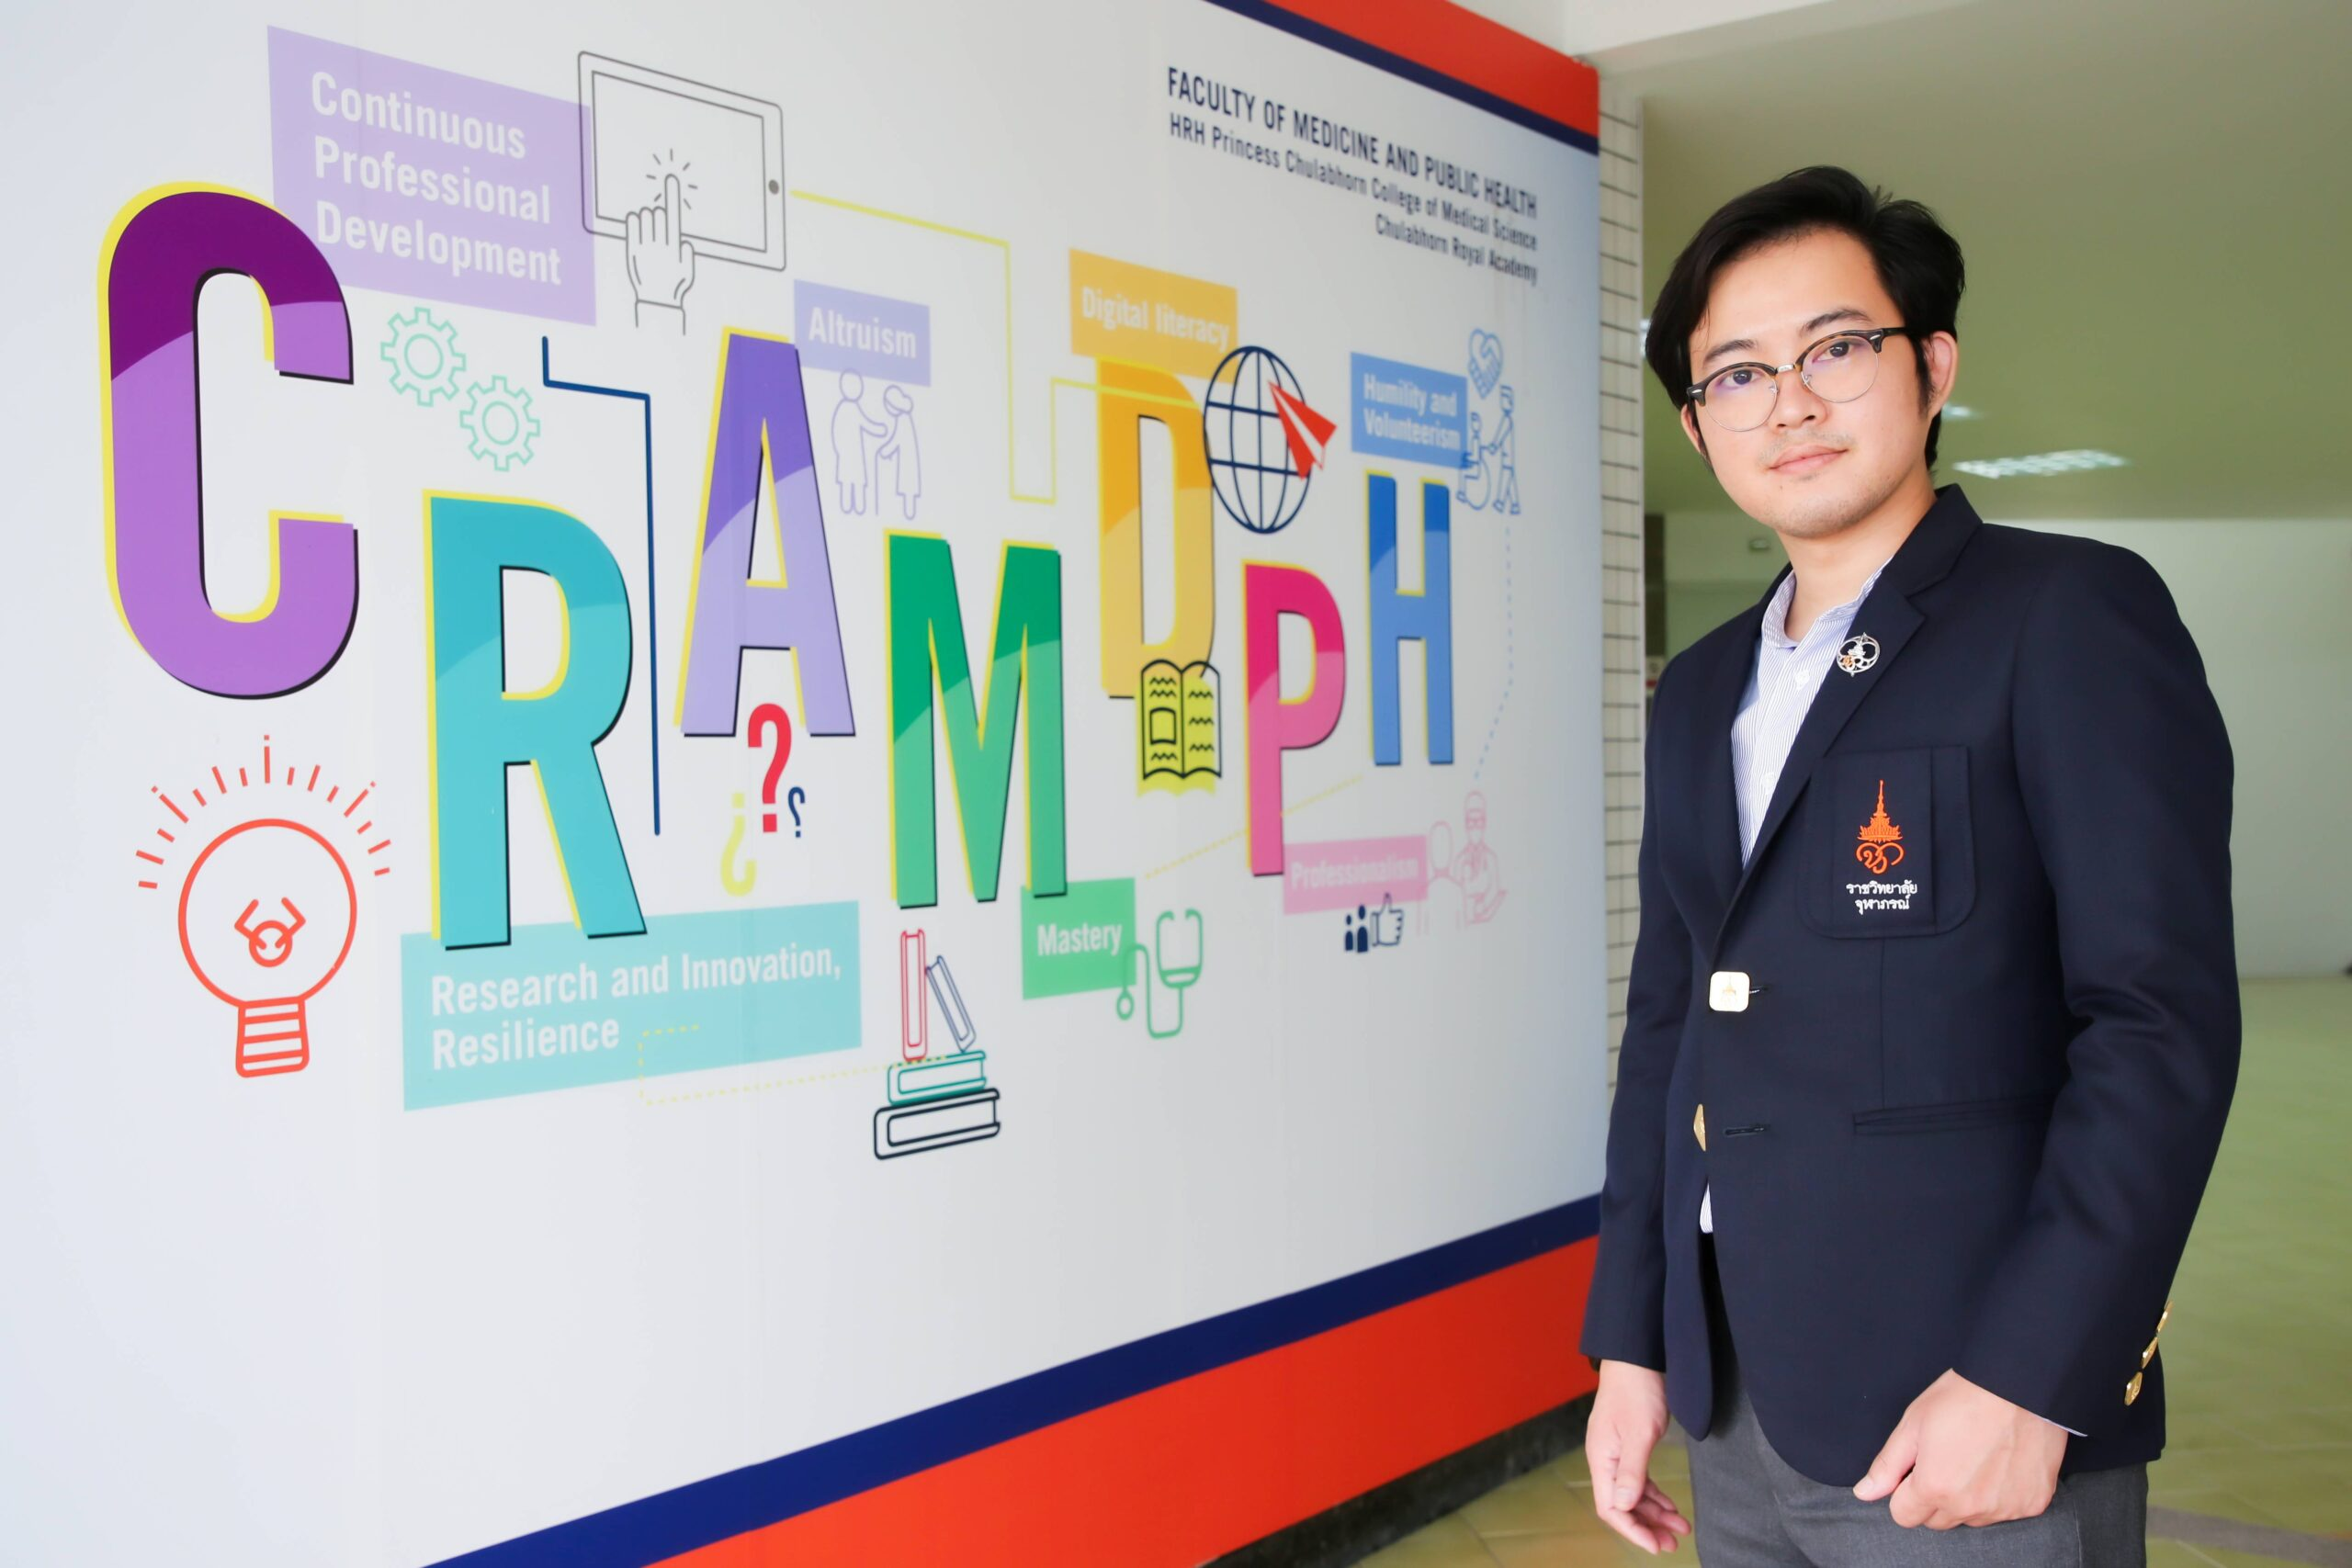 อาจารย์ น.สพ.ดร.พีรุทย์ เชียรวิชัยผู้ช่วยคณบดีฝ่ายวางแผนกลยุทธ์การสรรหาและการคัดเลือก คณะแพทยศาสตร์และการสาธารณสุข